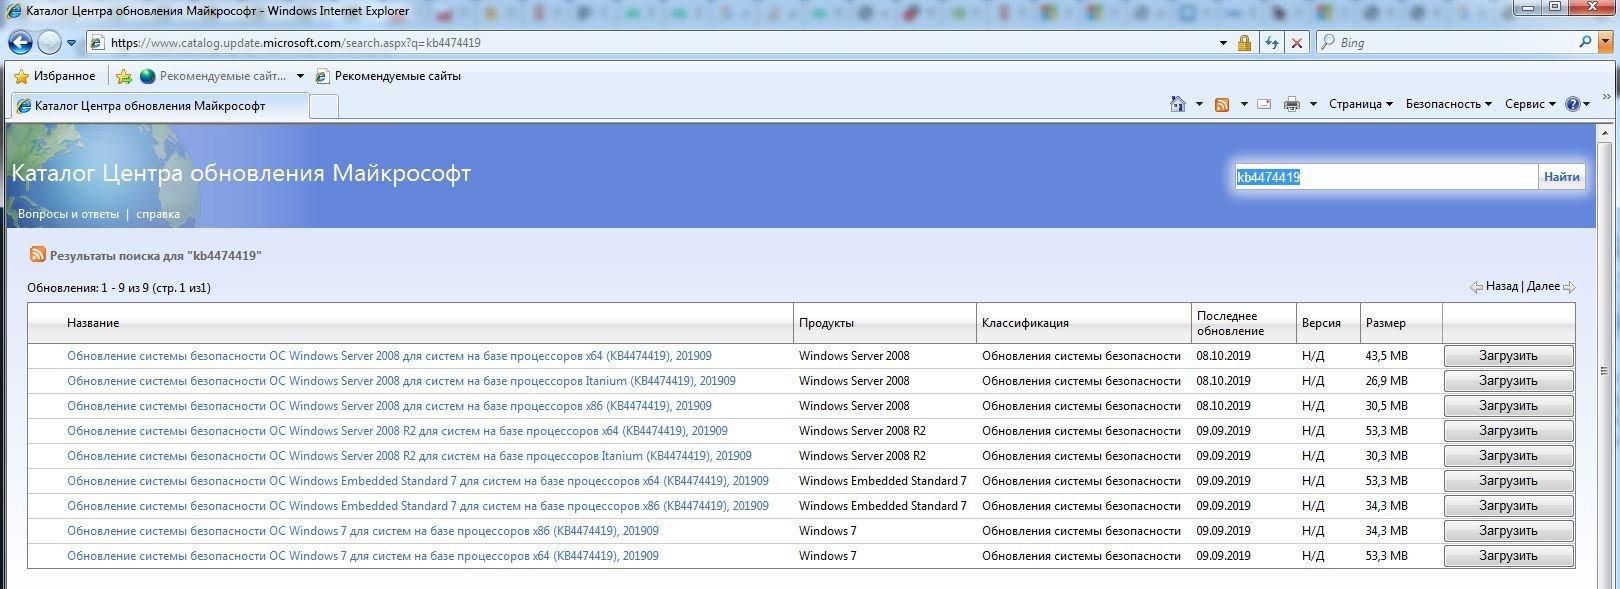 обновление патчей windows 7 64 bit kb4474419 и kb4490628